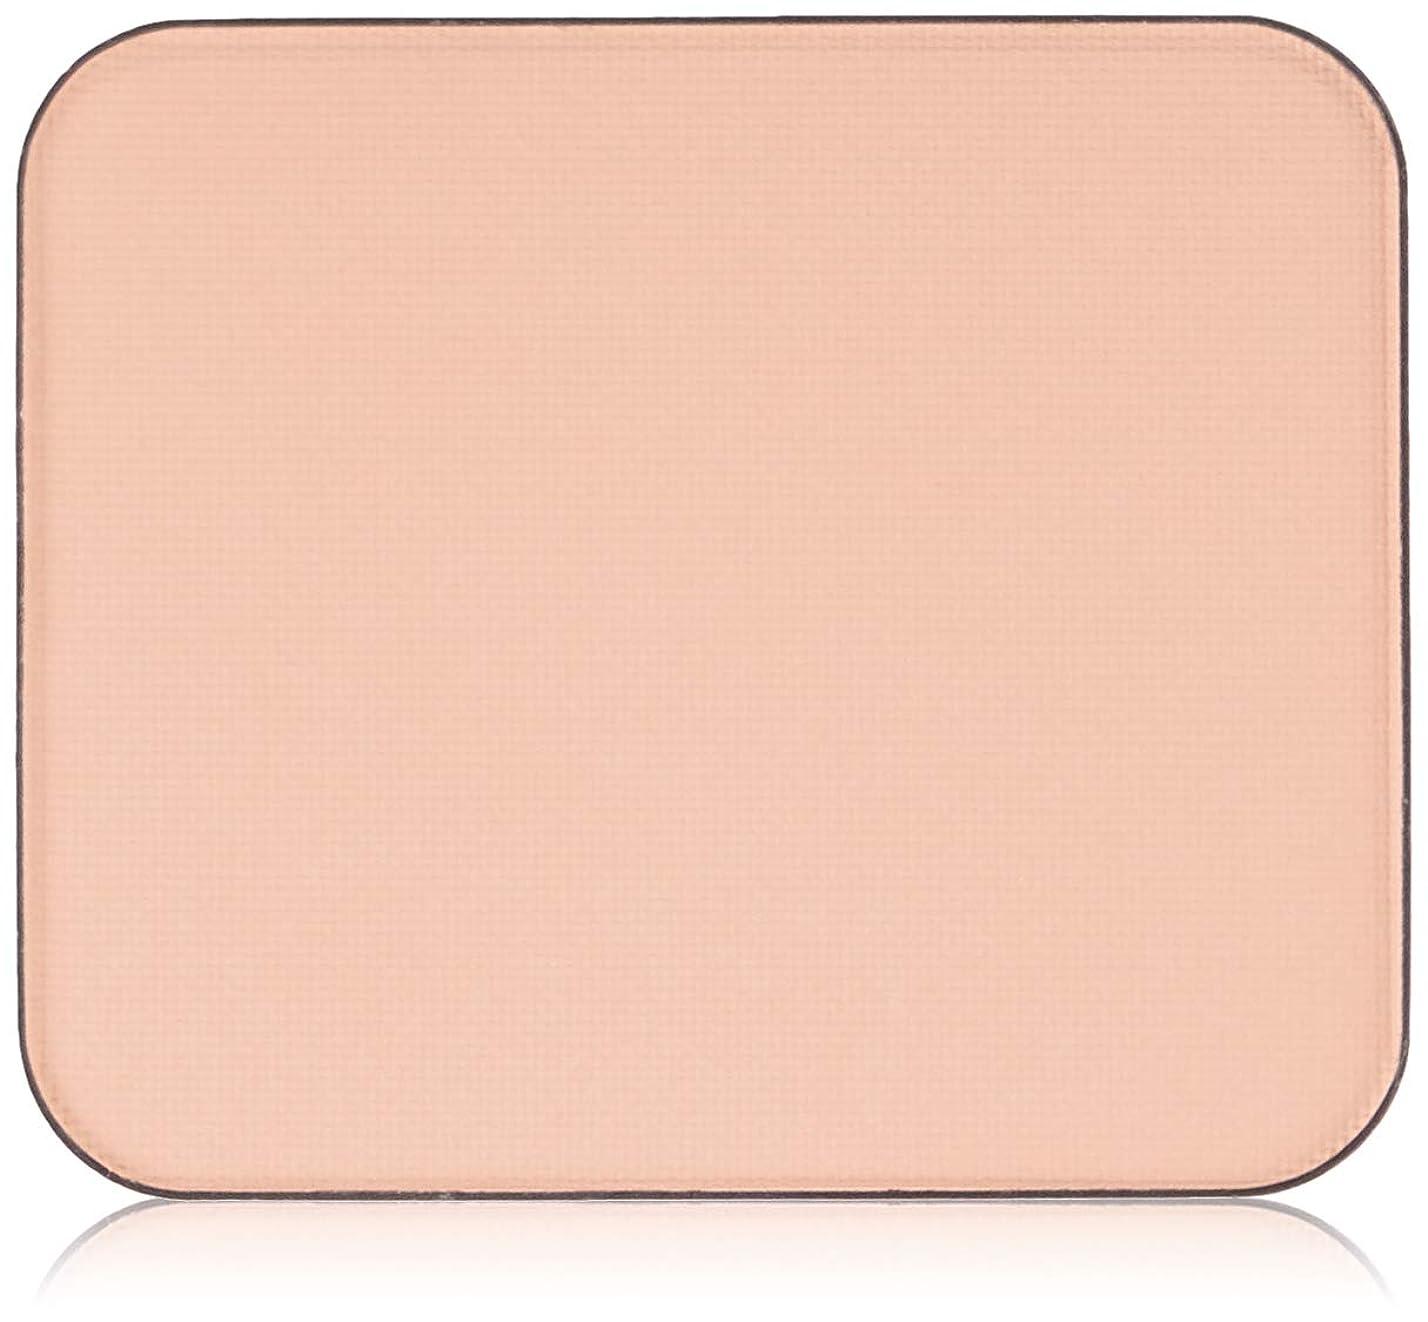 マエストロ挑む学校教育Celvoke(セルヴォーク) インテントスキン パウダーファンデーション 全5色 101 明るいピンクオークル系